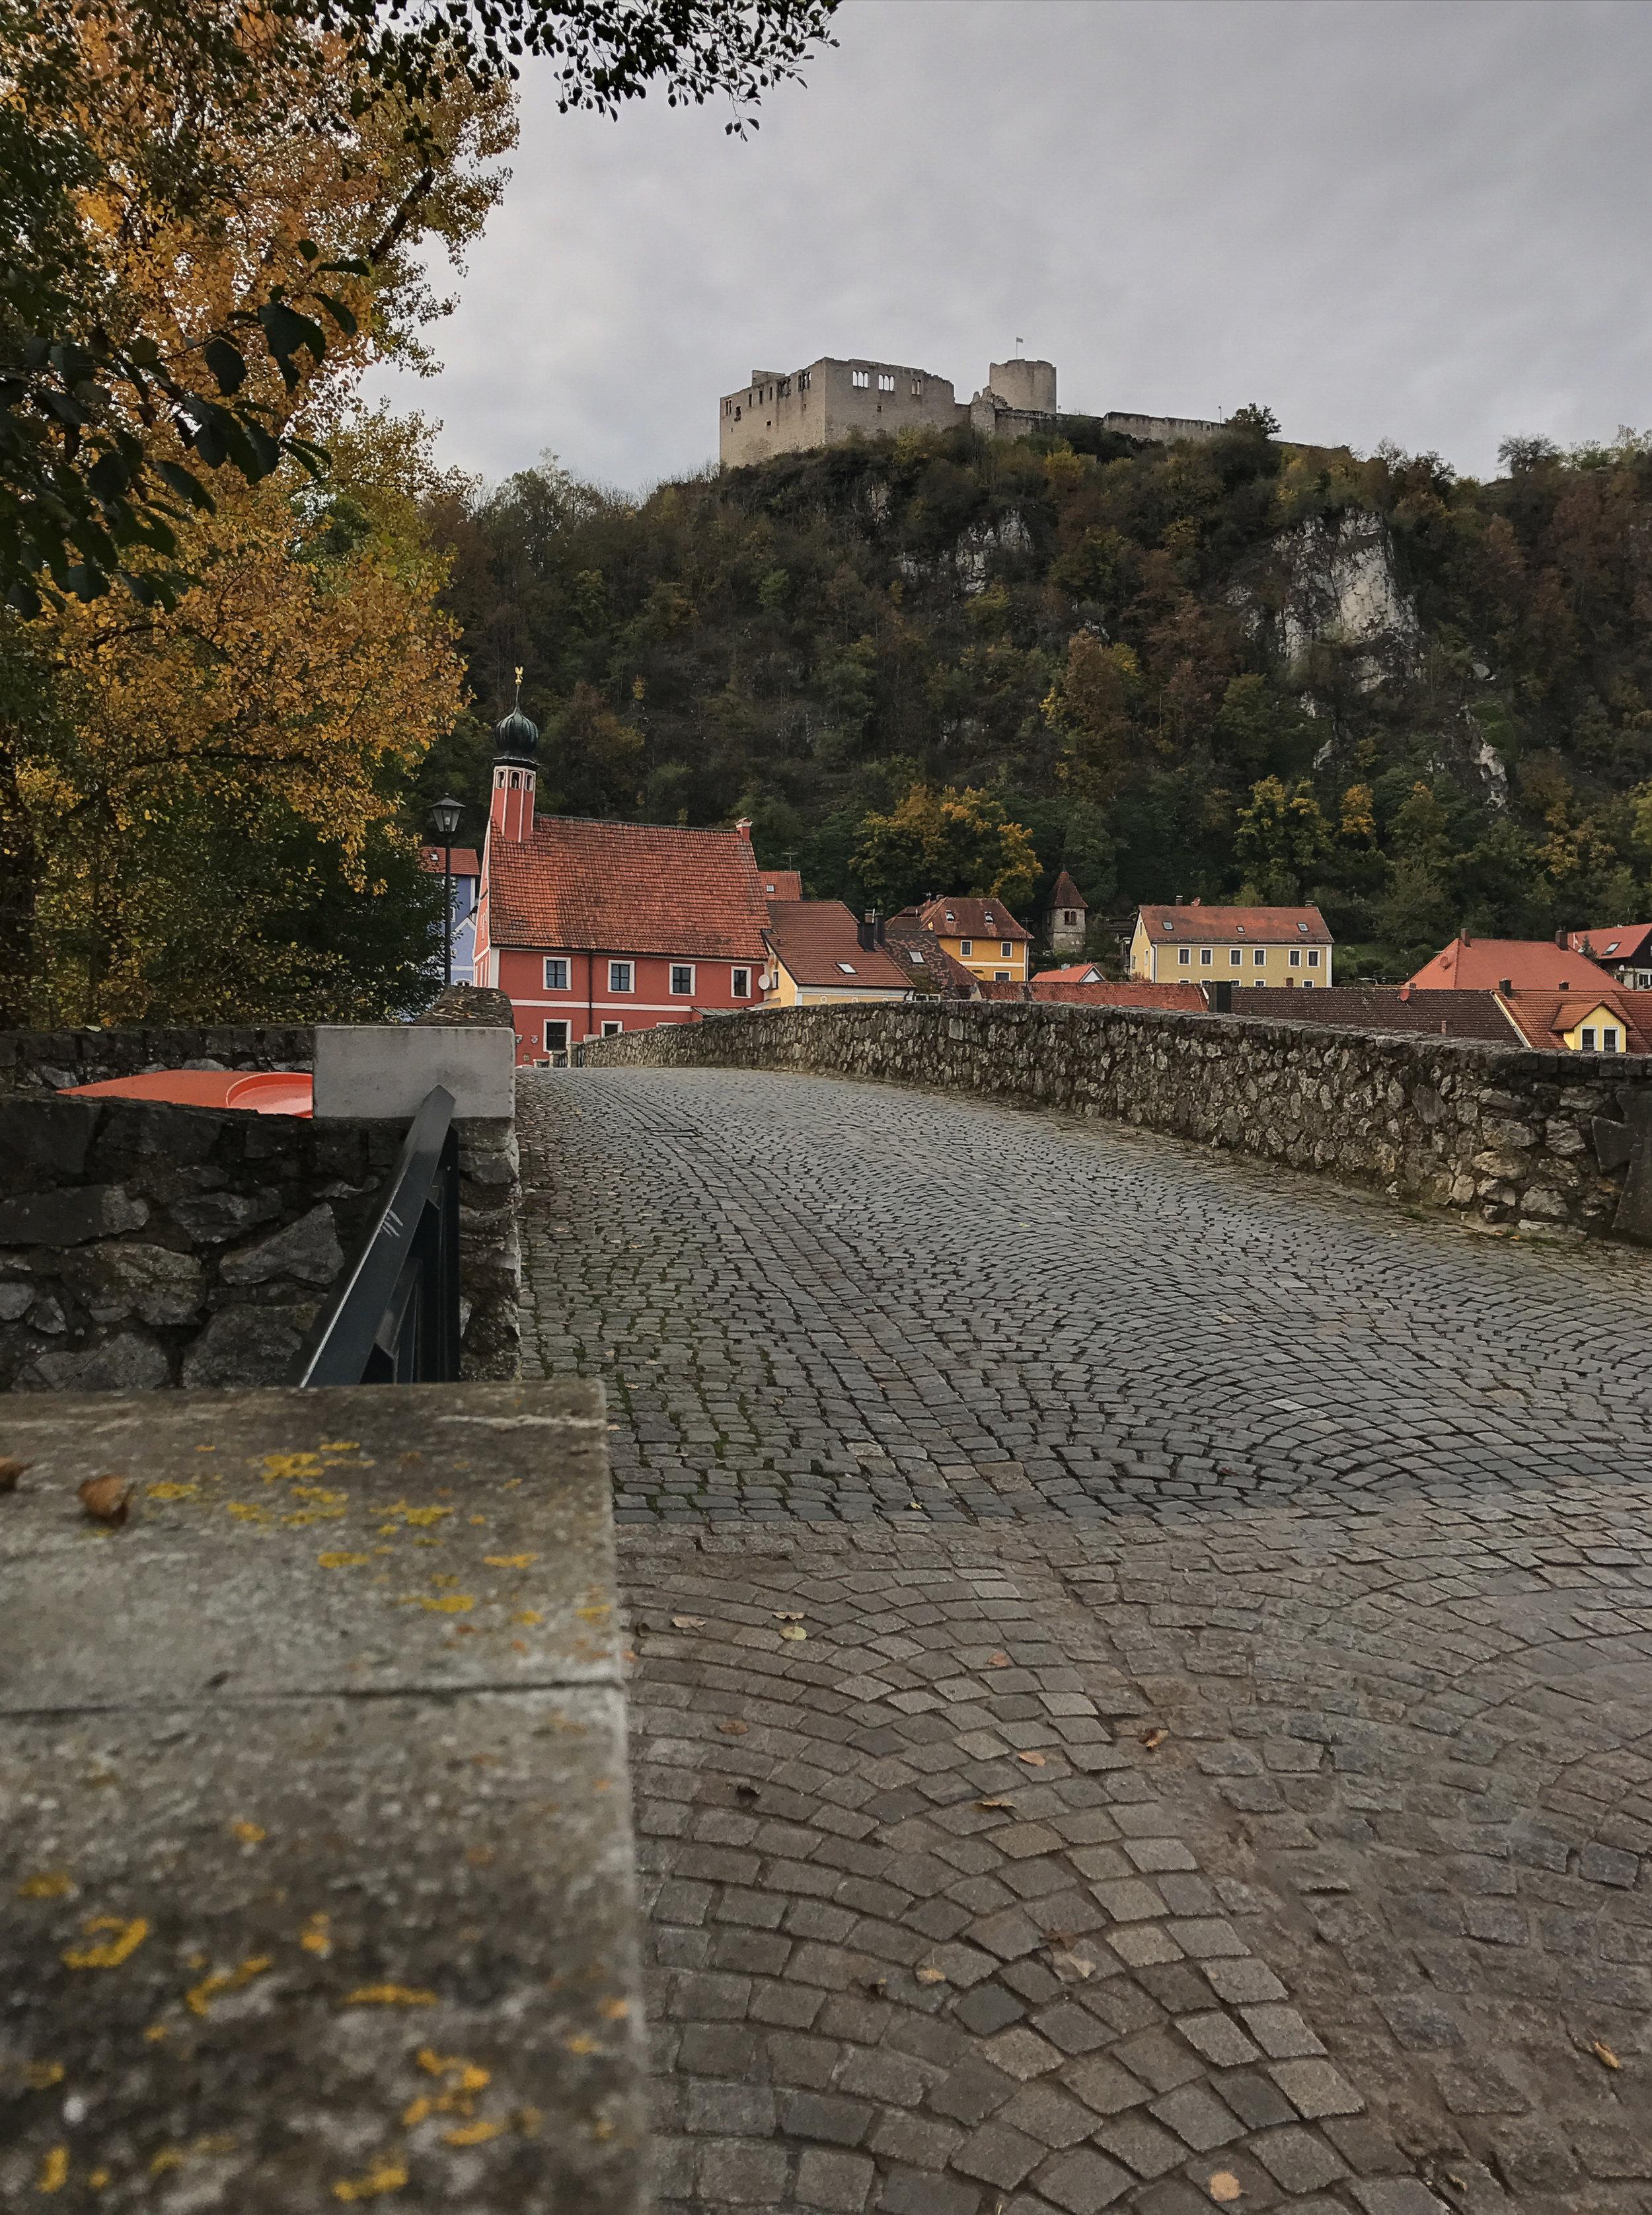 Kallmünz' Old Stone Bridge